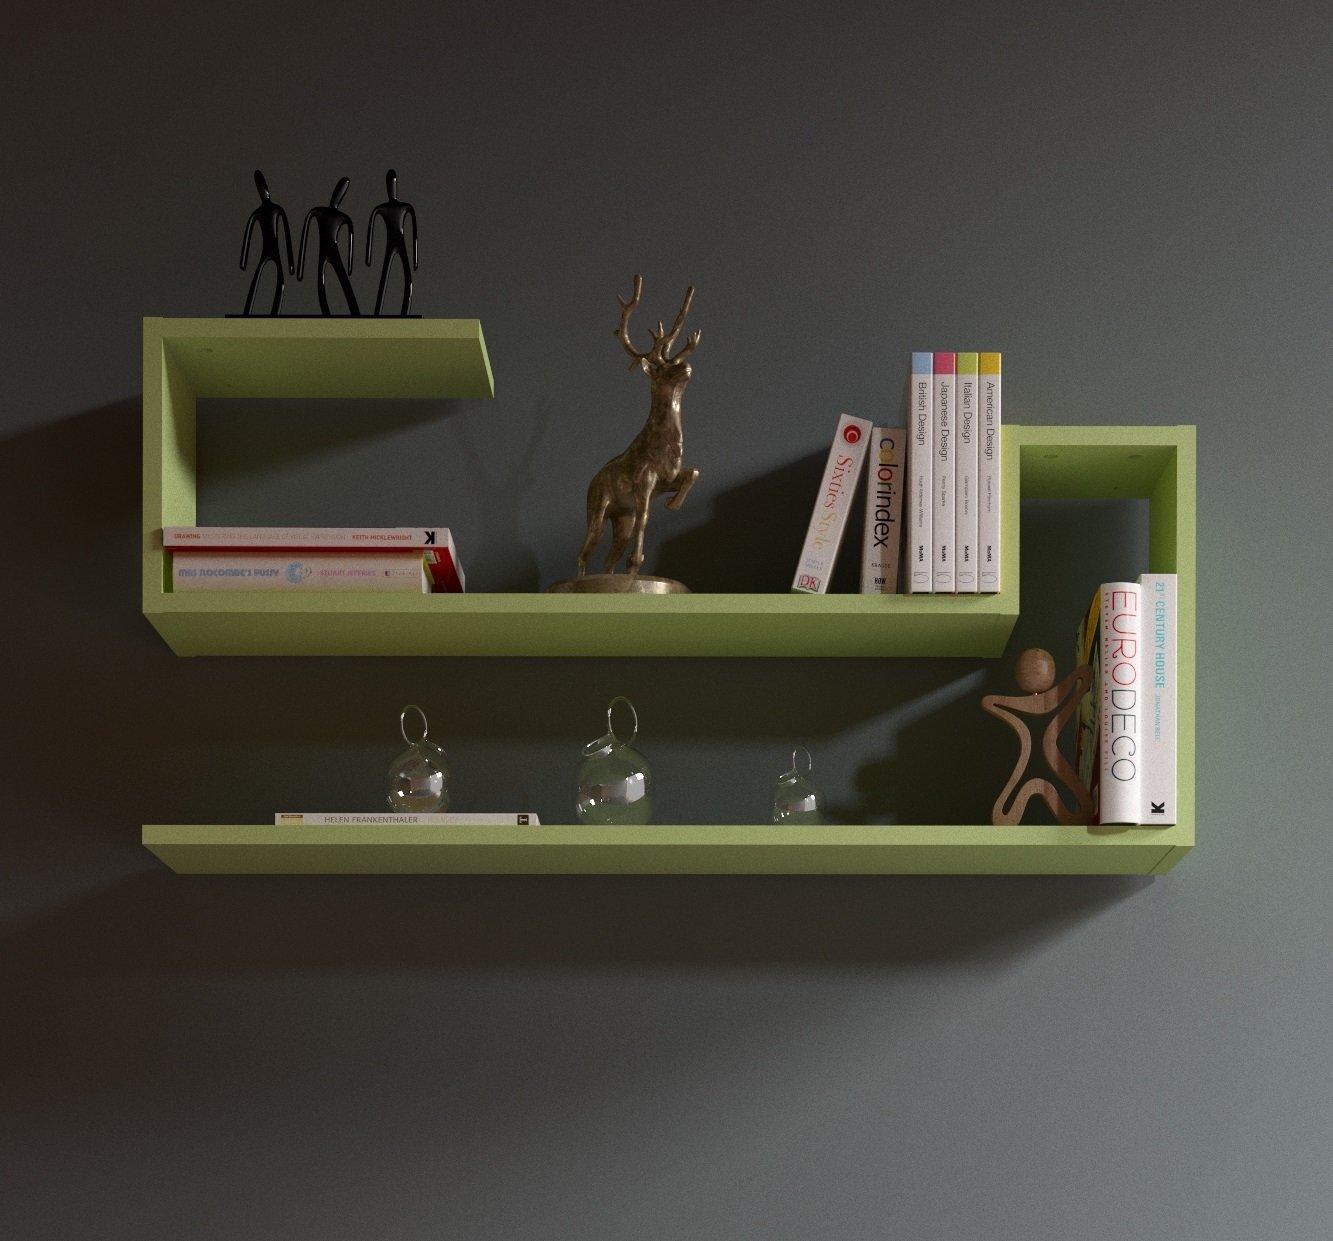 Hängeregal design  AIRY Wandregal - Bücherregal - Dekoregal - Hängeregal für ...